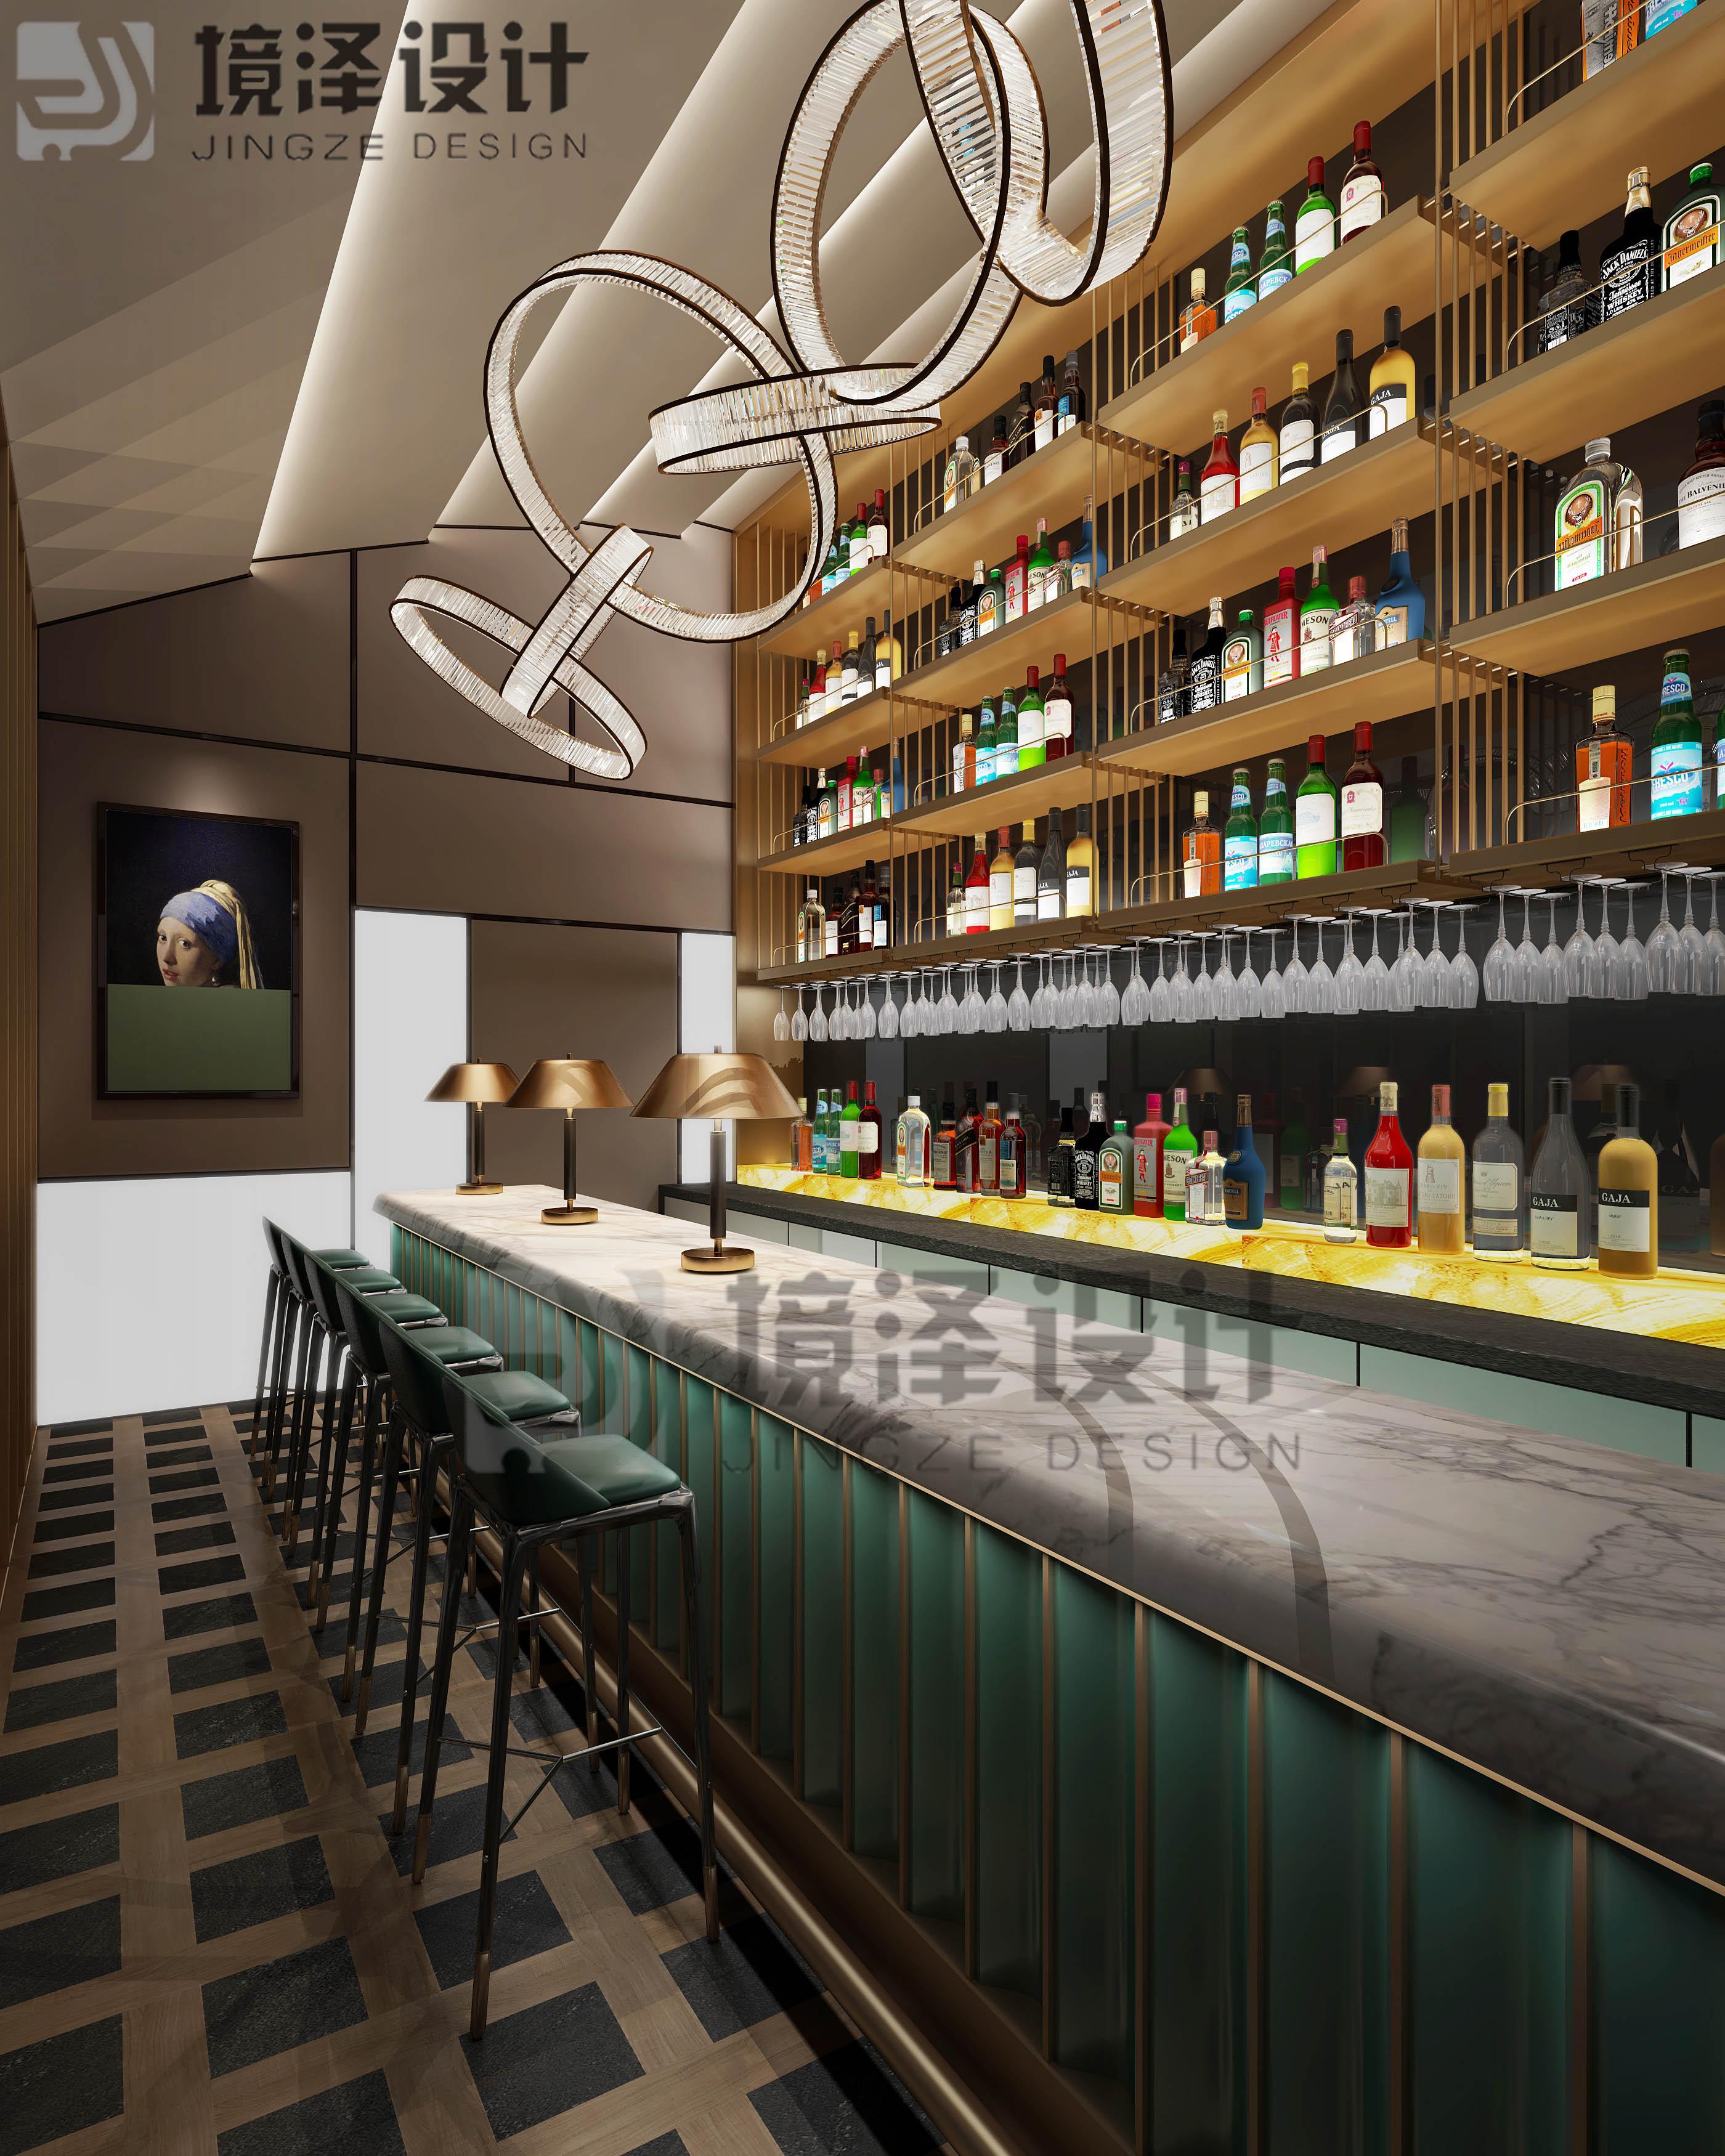 泉州東海泰禾廣場酒吧裝修效果圖 酒吧怎么裝修好看?